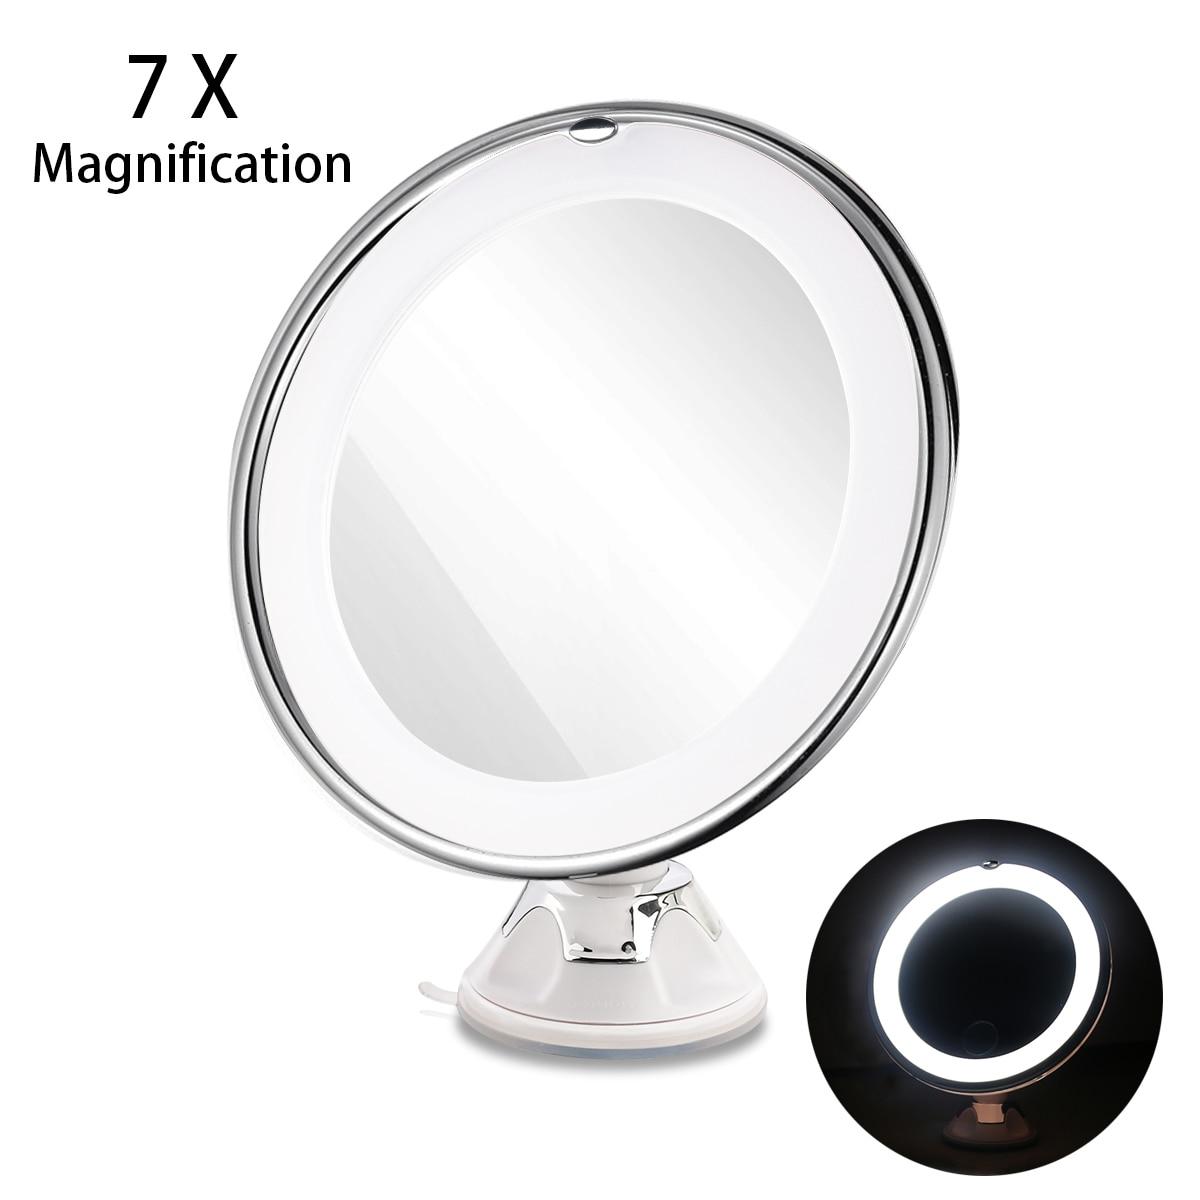 Unparteiisch Etereauty 7x Led Vergrößerungs Spiegel Kosmetik Make-up Spiegel Mit Power Locking Saugnapf Helle Licht 360 Grad Rotierenden Schönheit & Gesundheit Haut Pflege Werkzeuge